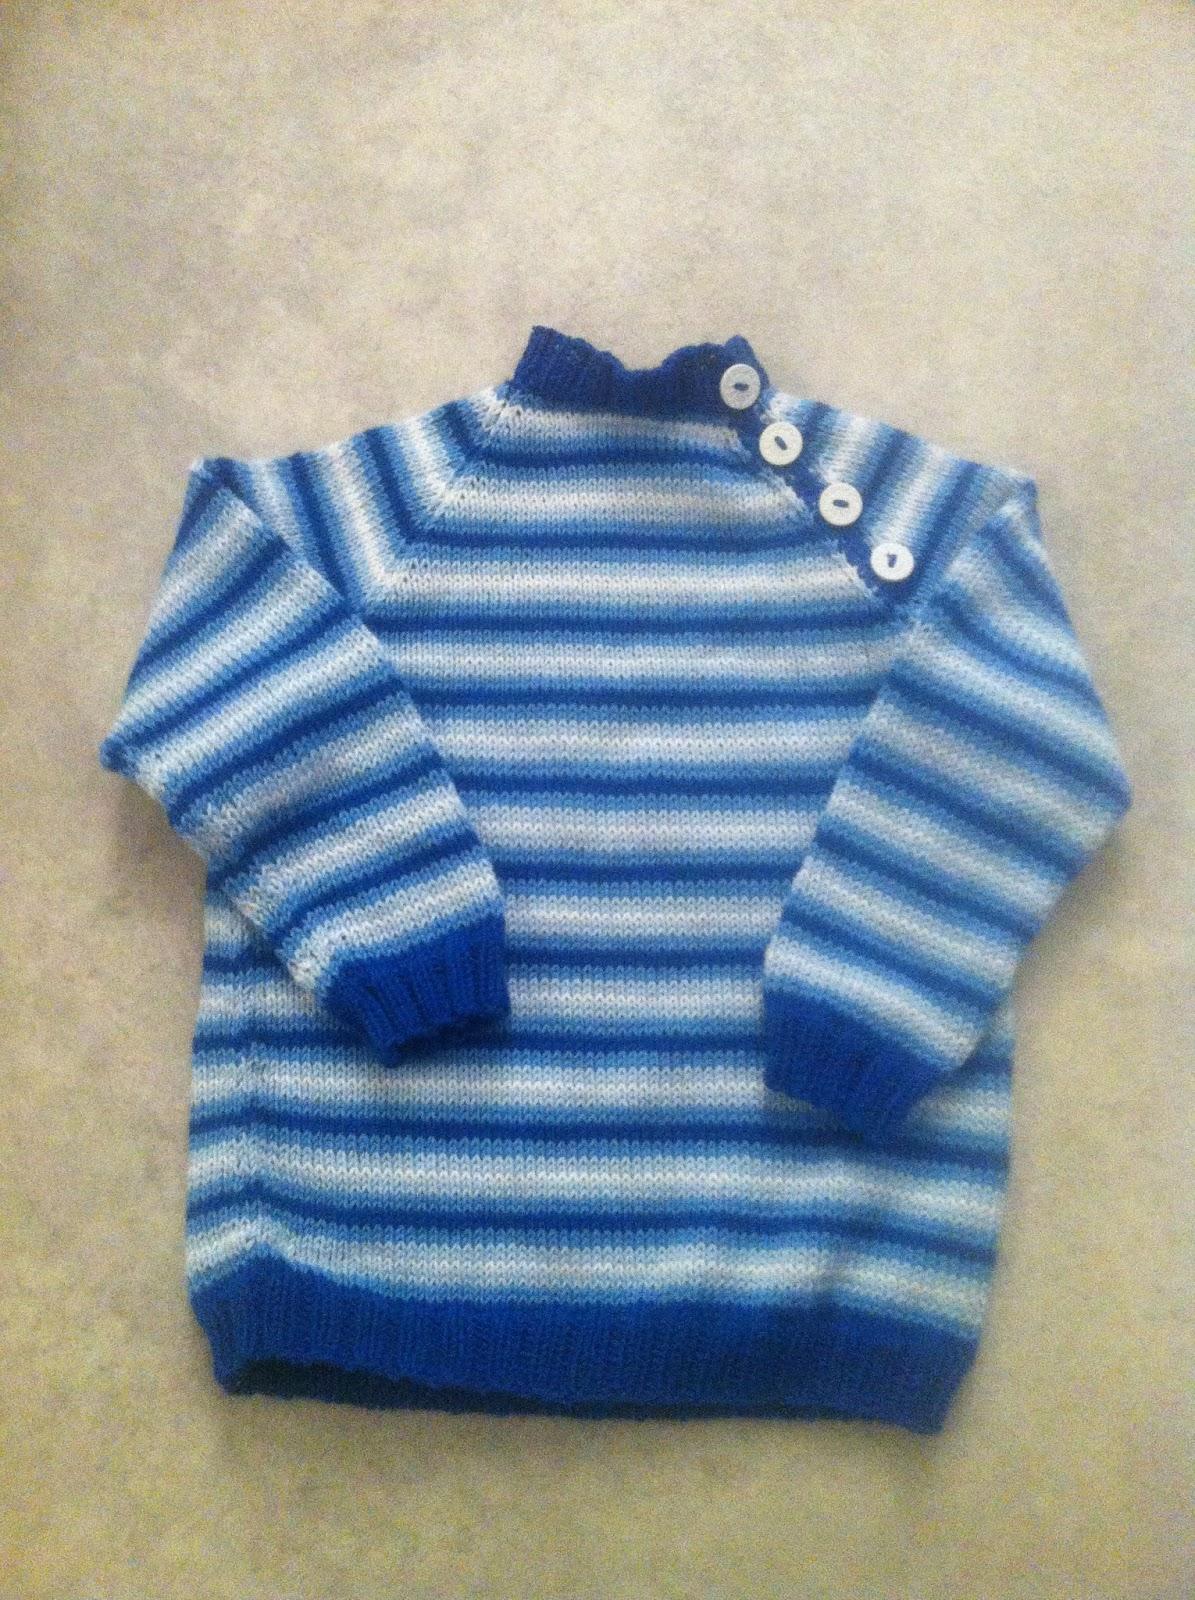 053a7425 ... litt mindre av to lyseblå fargar og pittelitt kvitt. Og til saman so  vart jo det litt. Nok til ein genser til ein 3 åring i vertfall. Eller  ikkje.